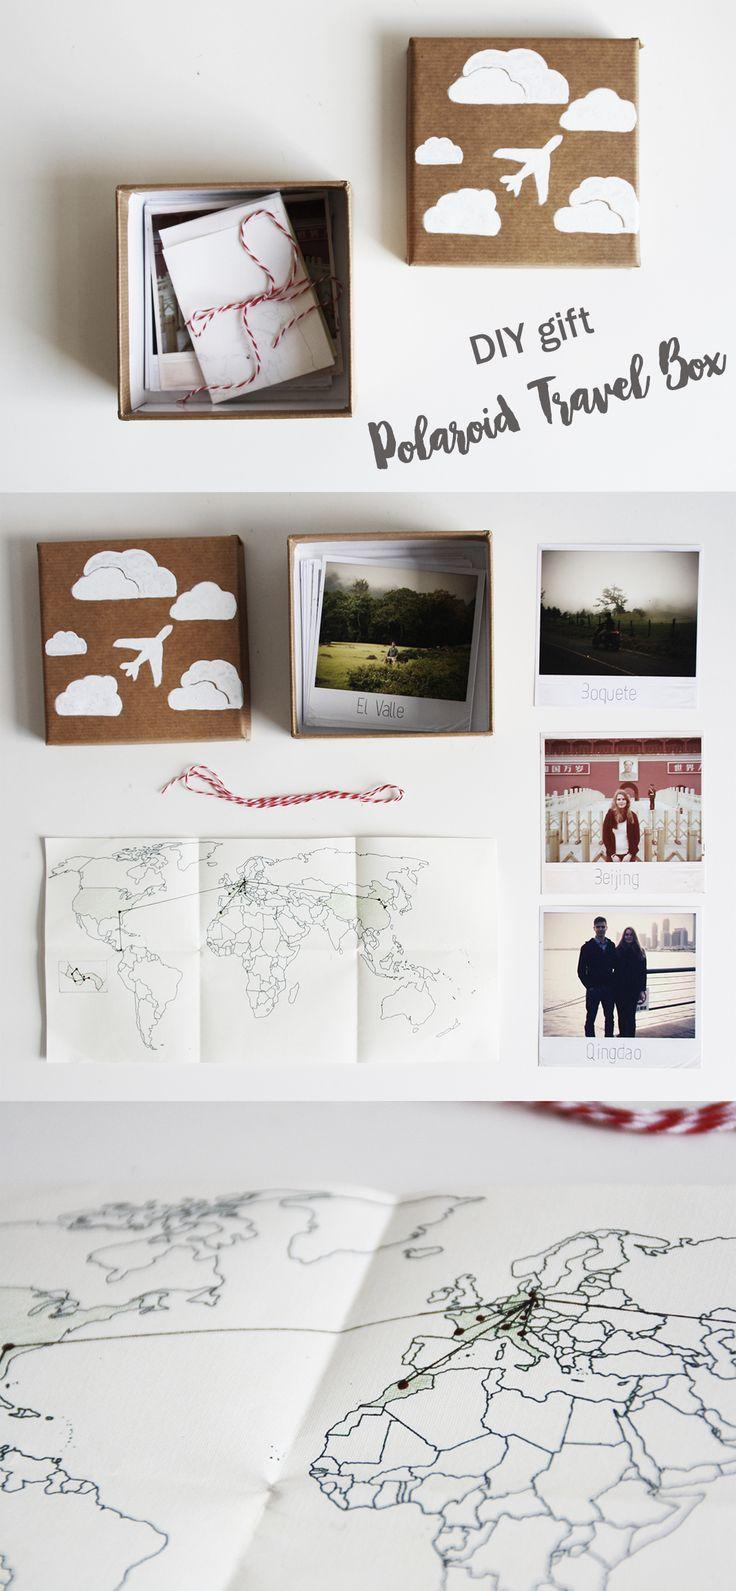 DIY Geschenk Polaroid Reise Kiste | Do it yourself gift idea travel box | Weltkarte | Geschenkidee | Valentinstag | Valentines Day | Partner | Liebe | Foto | Vintage | Verreisen | Geschenke basteln | travel journal | crafting | photo | Anleitung | Tutorial